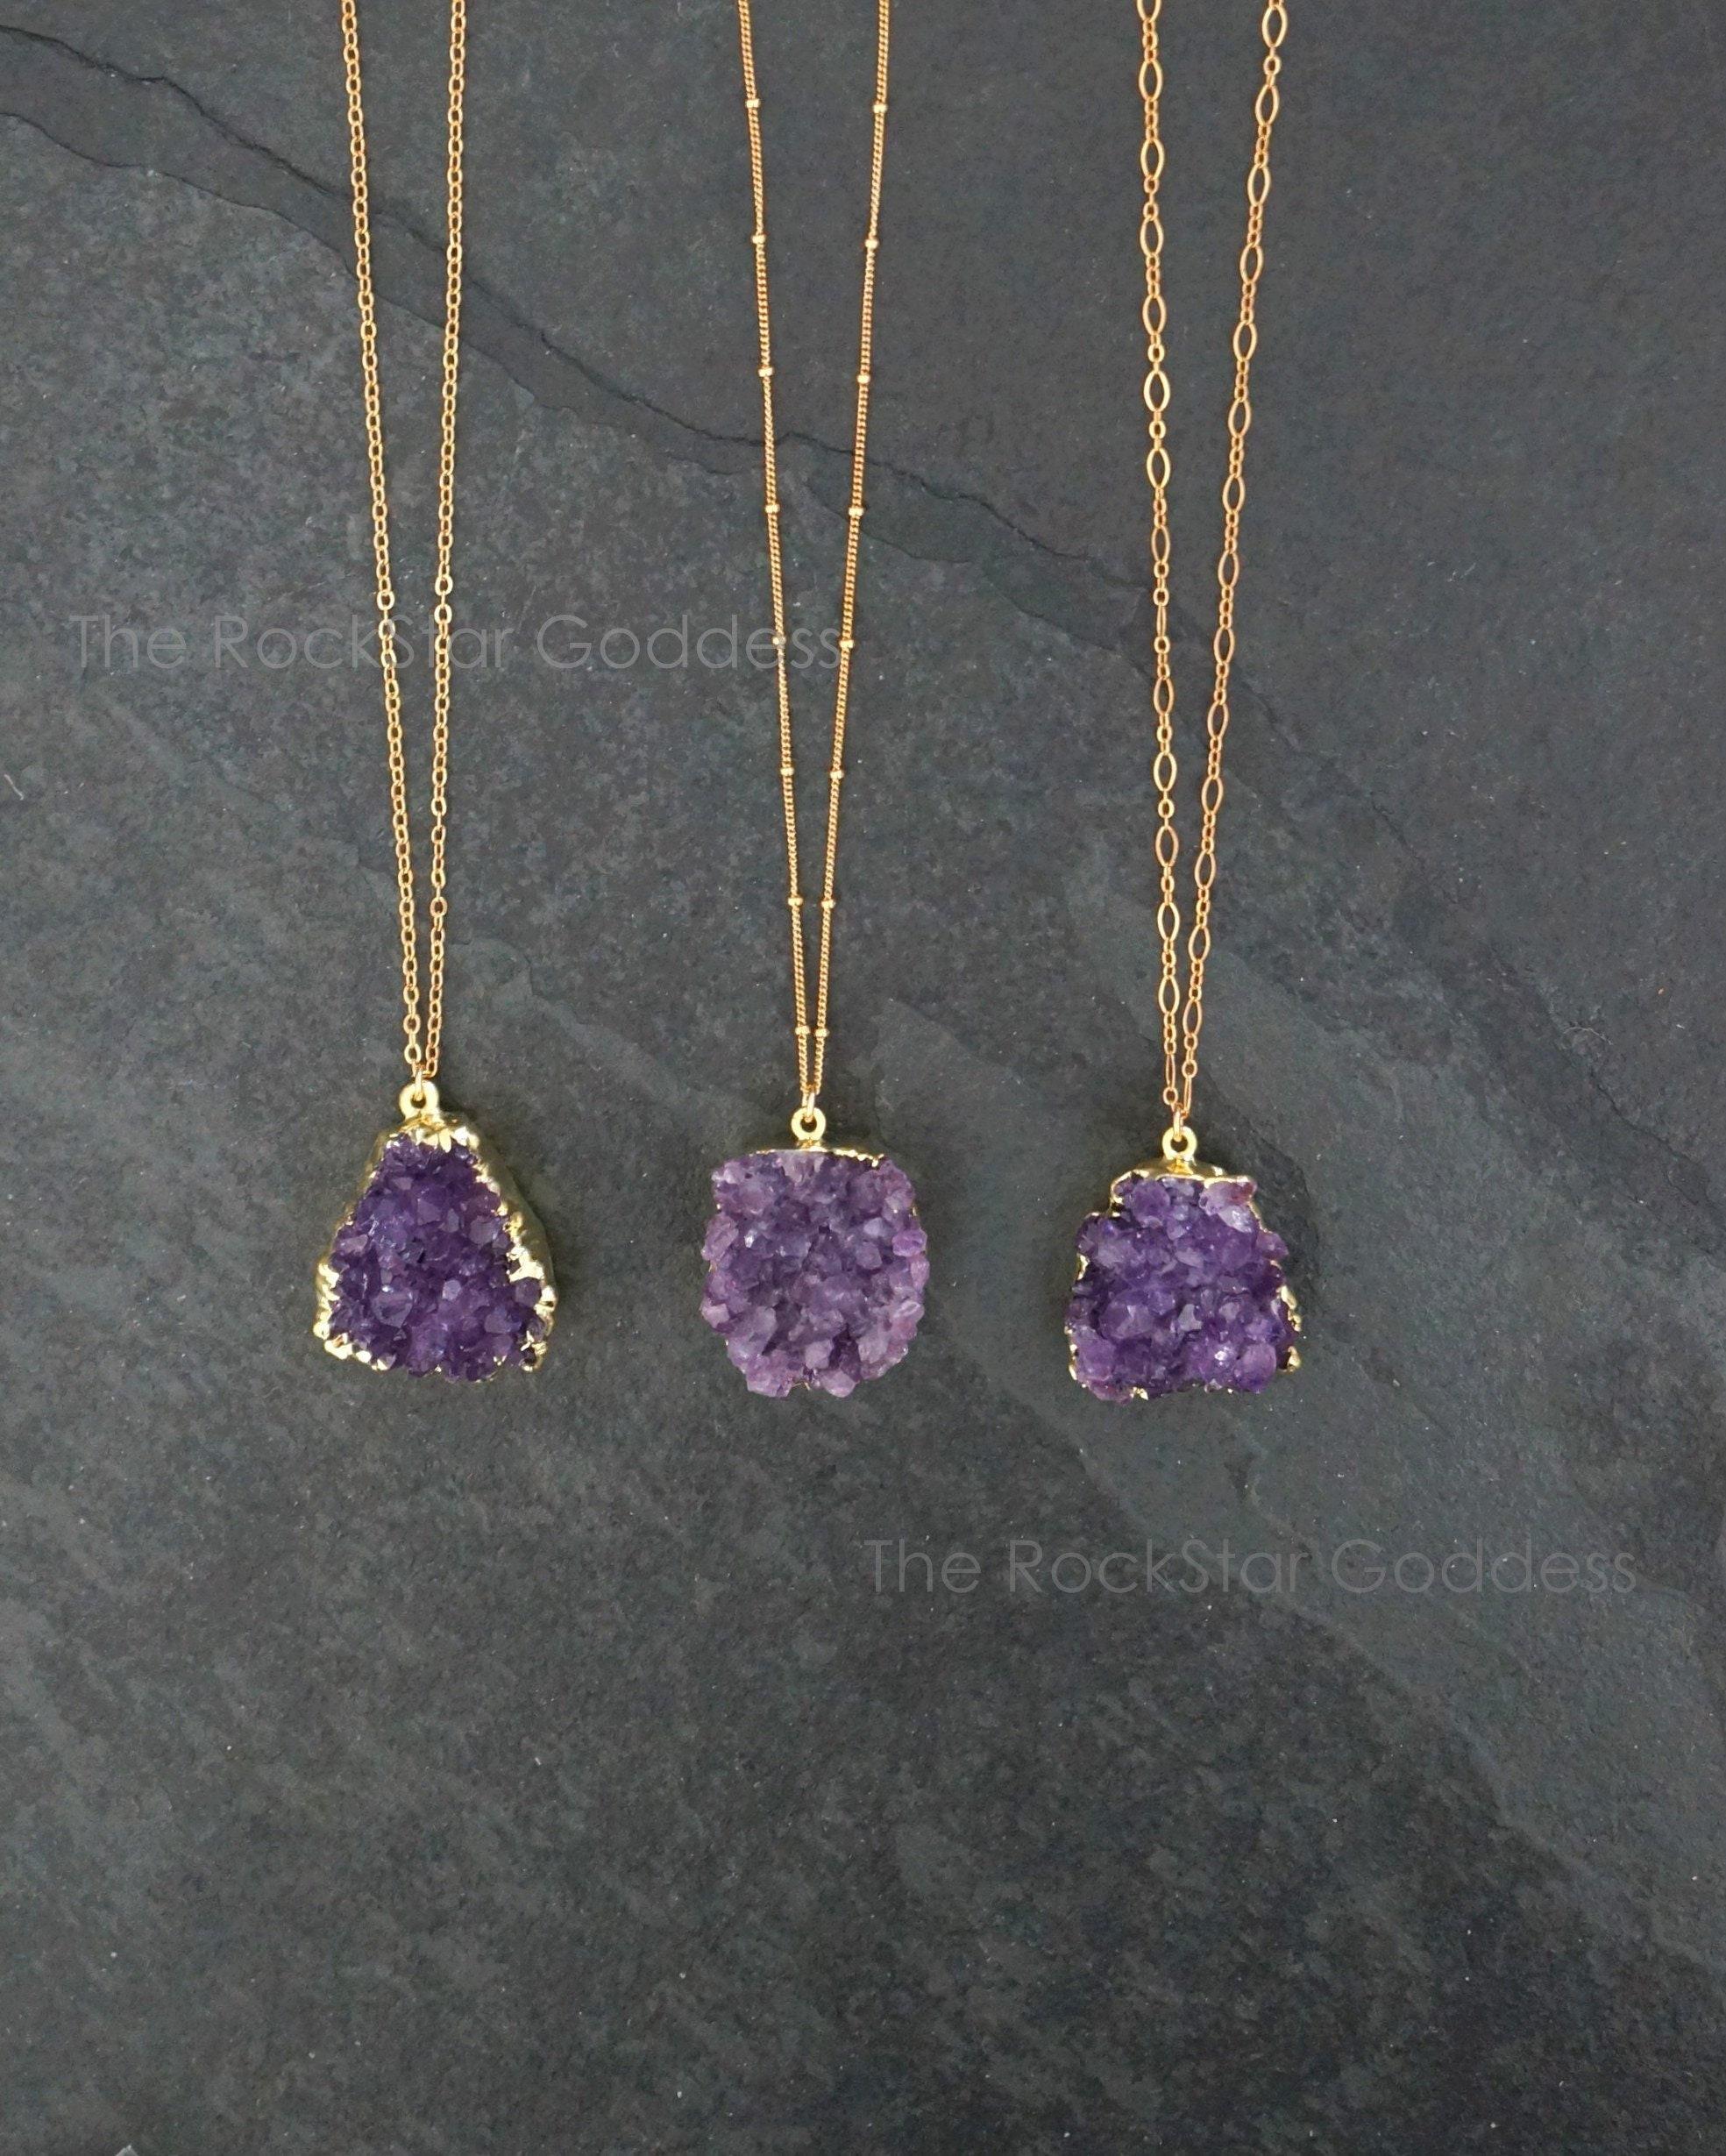 Amethyst Jewelry for Woman Man Lucky Purple Quartz Crystal 28x10mm Beads Gemstone AAAAA DUOVEKT Heart Amethyst Pendant